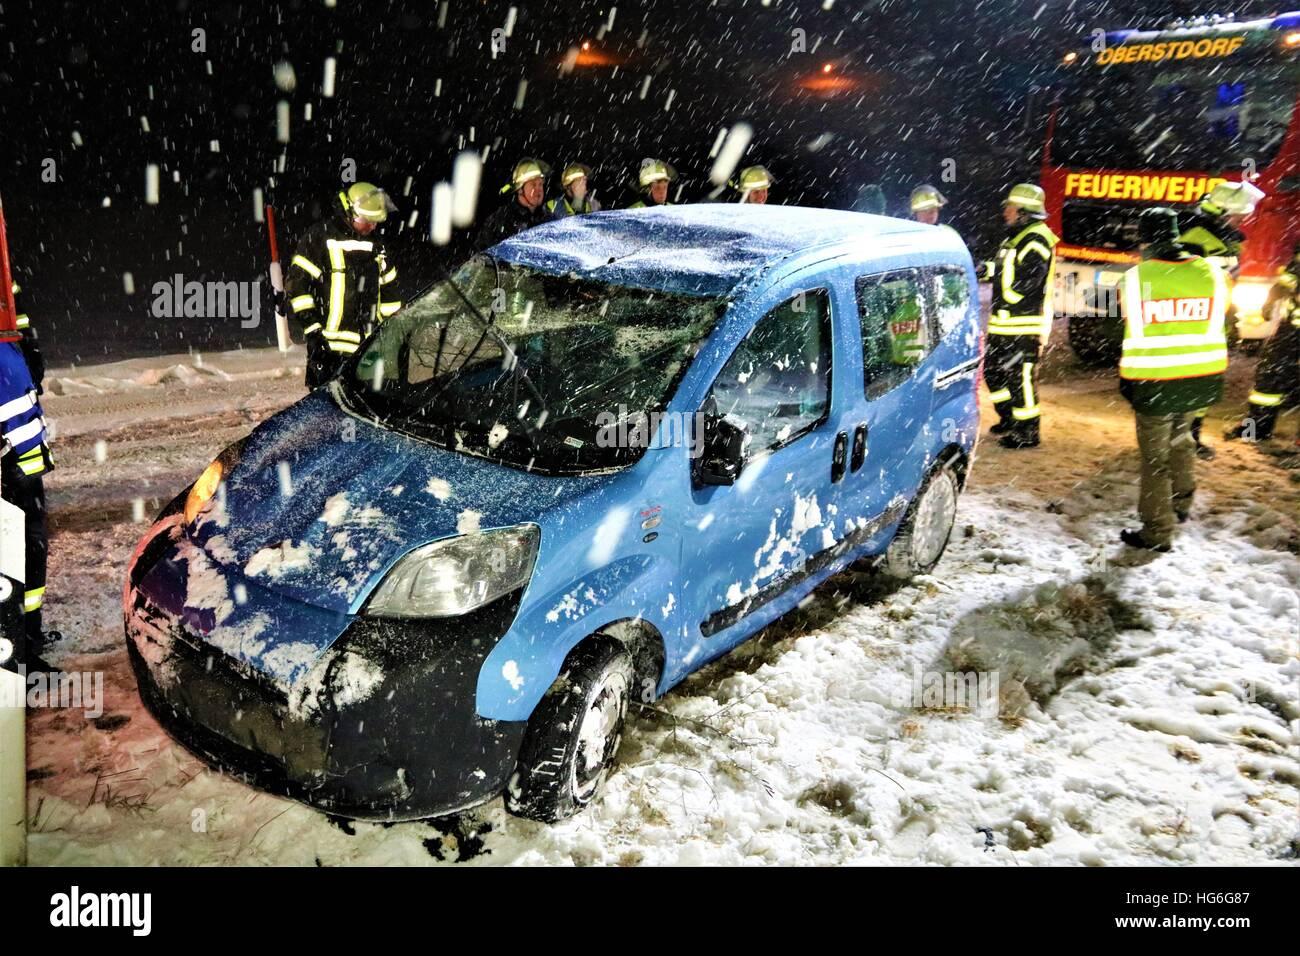 Oberstdorf, Alemania. 04 ene, 2017. Los bomberos recuperaron stand by un coche después de un accidente de tráfico cerca de Oberstdorf, Alemania, 04 de enero de 2017. El conductor del vehículo se desvió de la carretera durante las nevadas y cayeron en un arroyo. Él fue capaz de liberarse del vehículo y sólo tenían lesiones leves. Foto: Benjamin Liss/dpa/Alamy Live News Foto de stock